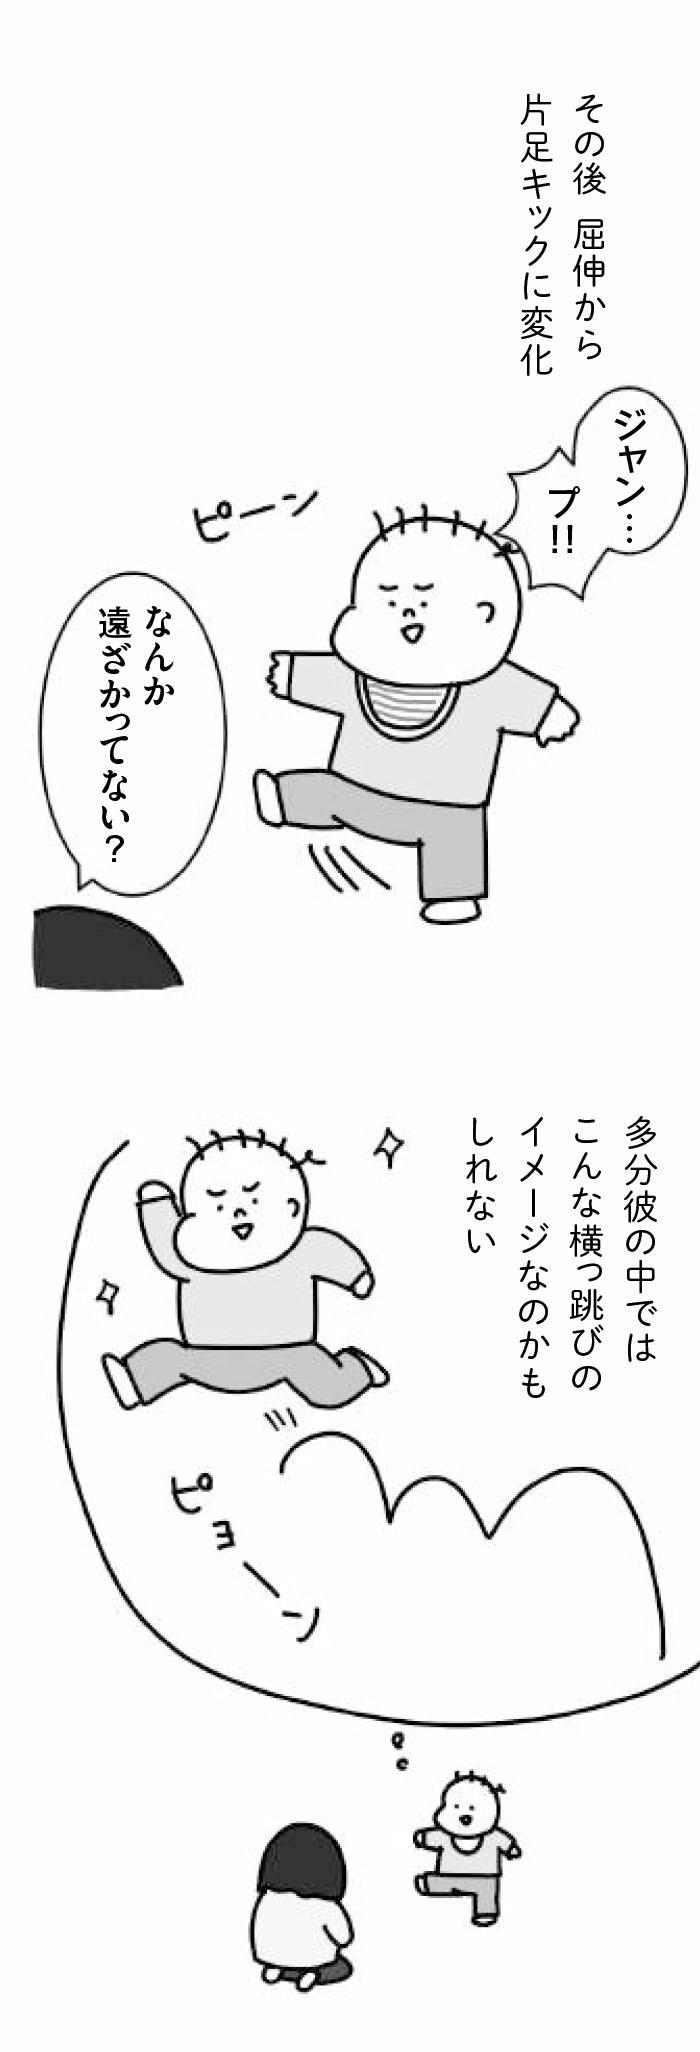 それってもしかしてジャンプ…?息子のジャンプが独特すぎるの画像2